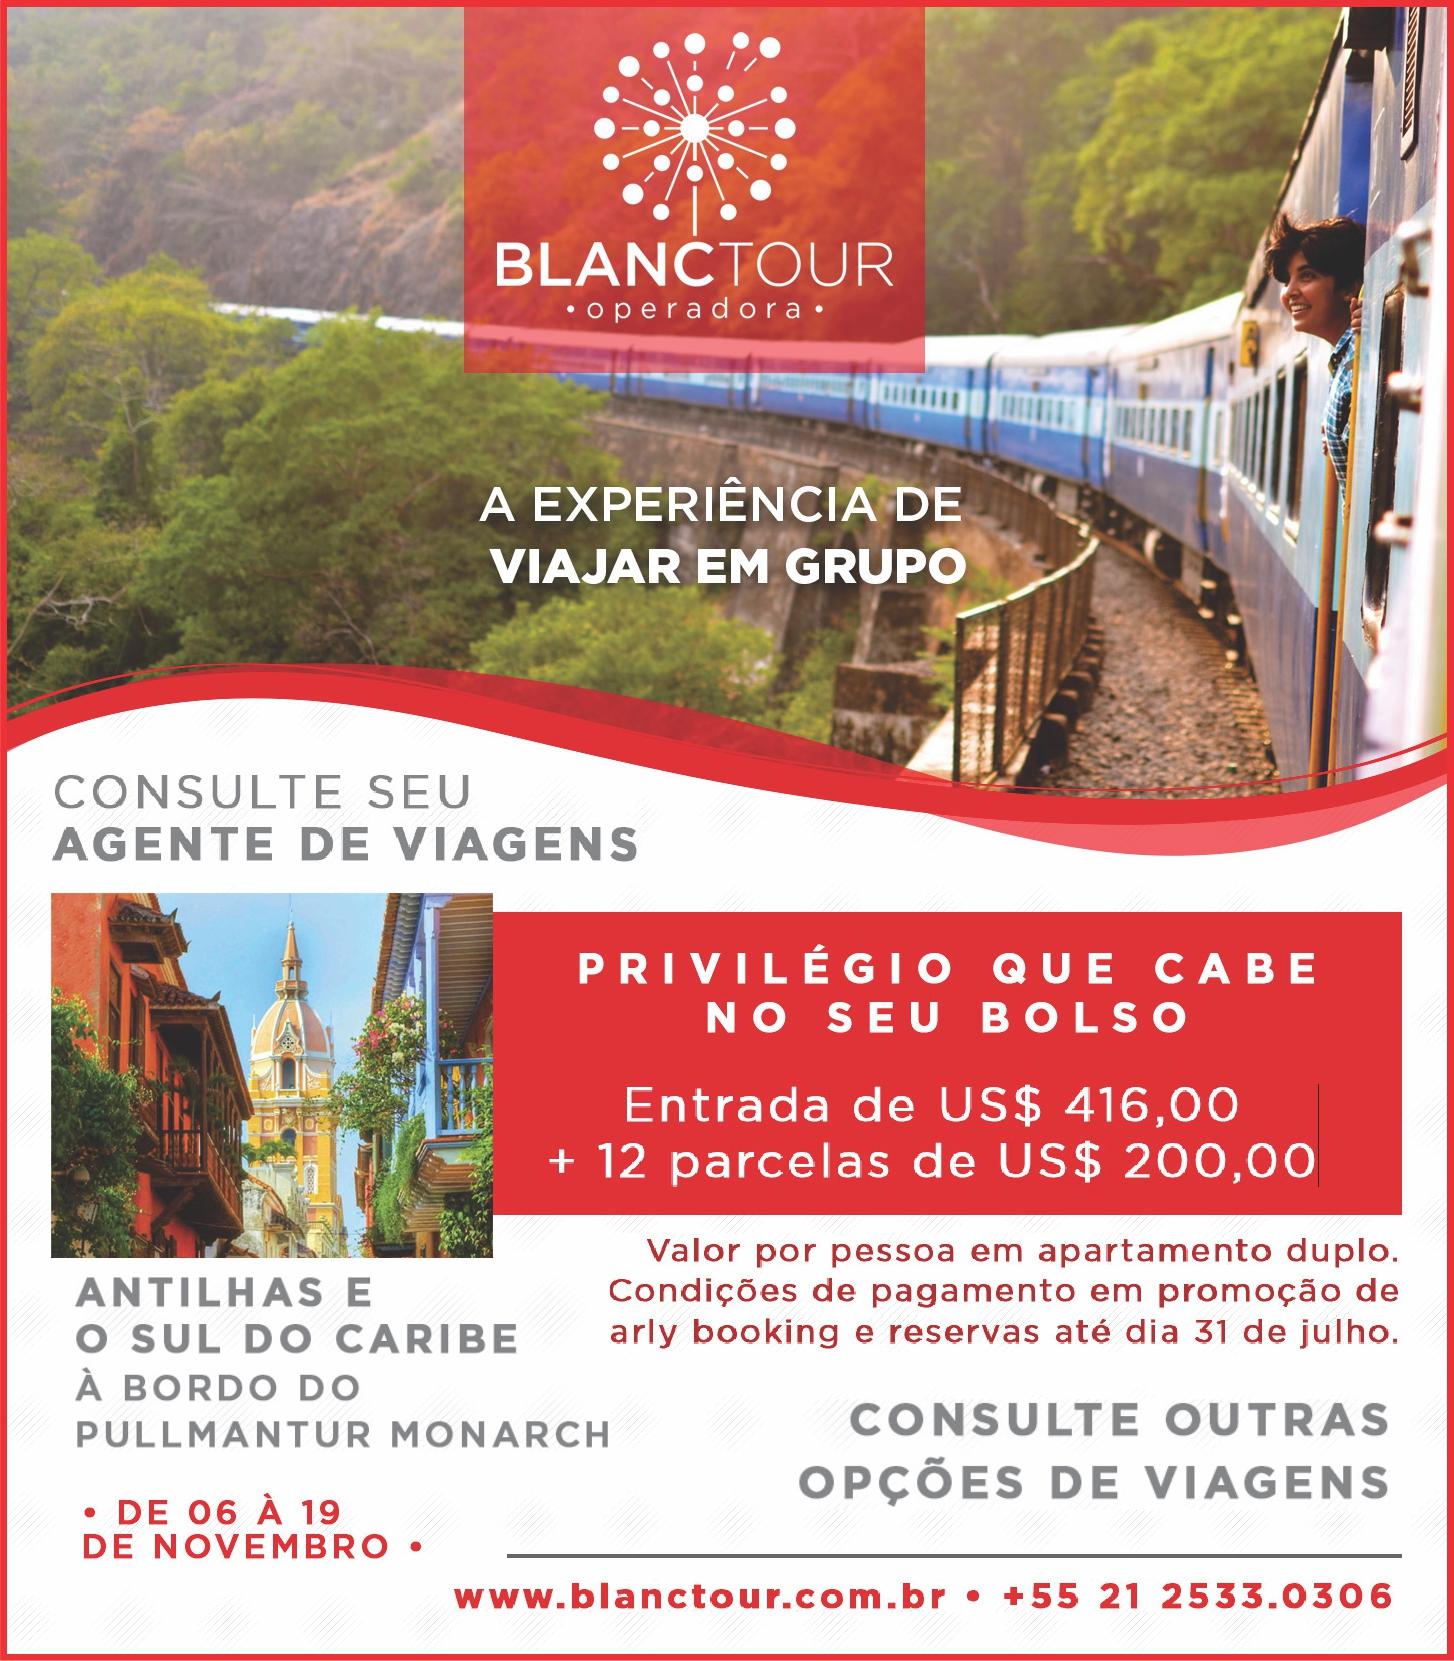 Blanc Tour